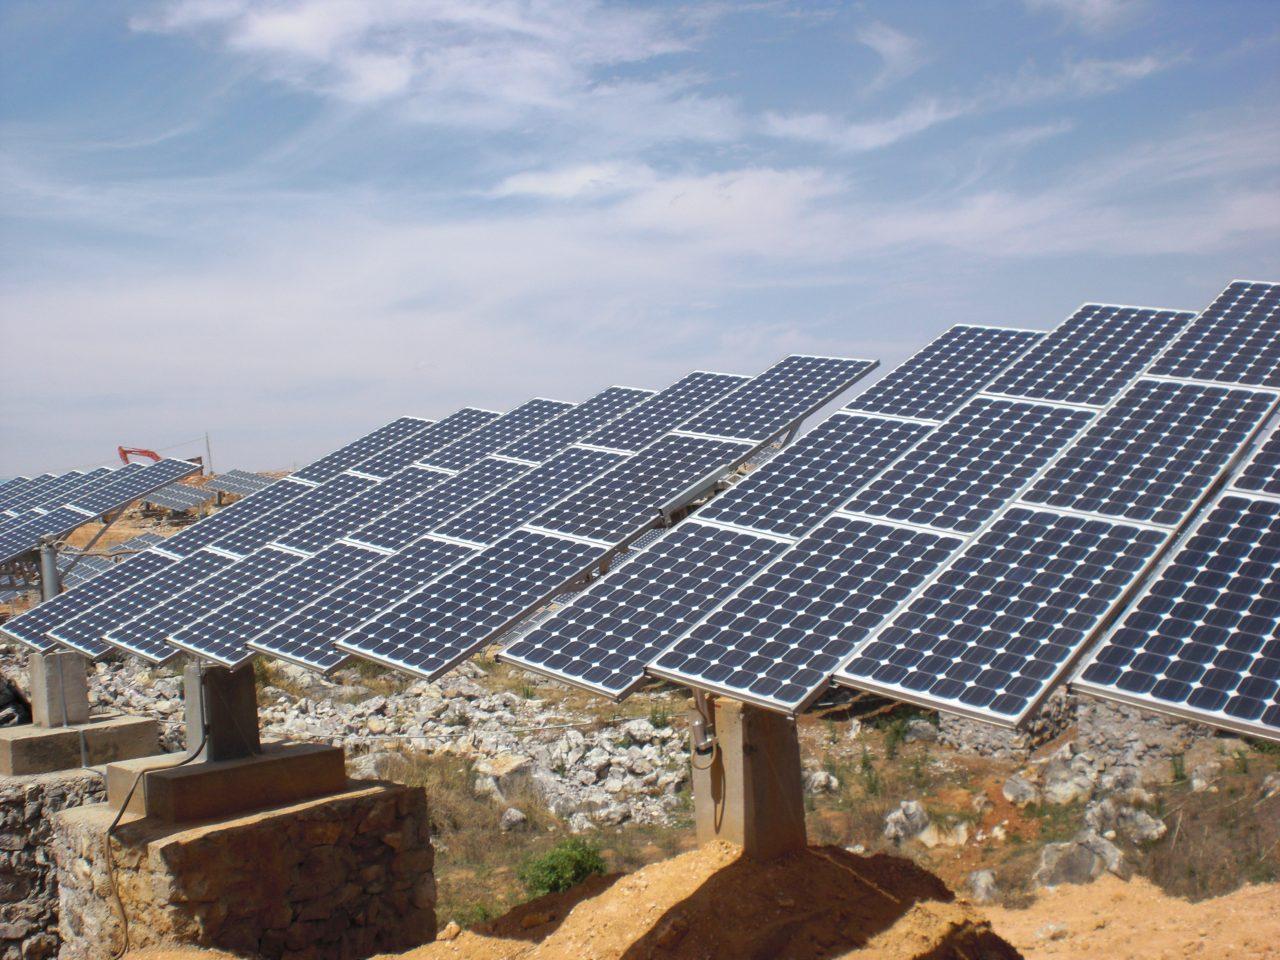 2018թ. առաջին եռամսյակում Հայաստանում արտադրվել է 1,249 արևային վահանակ